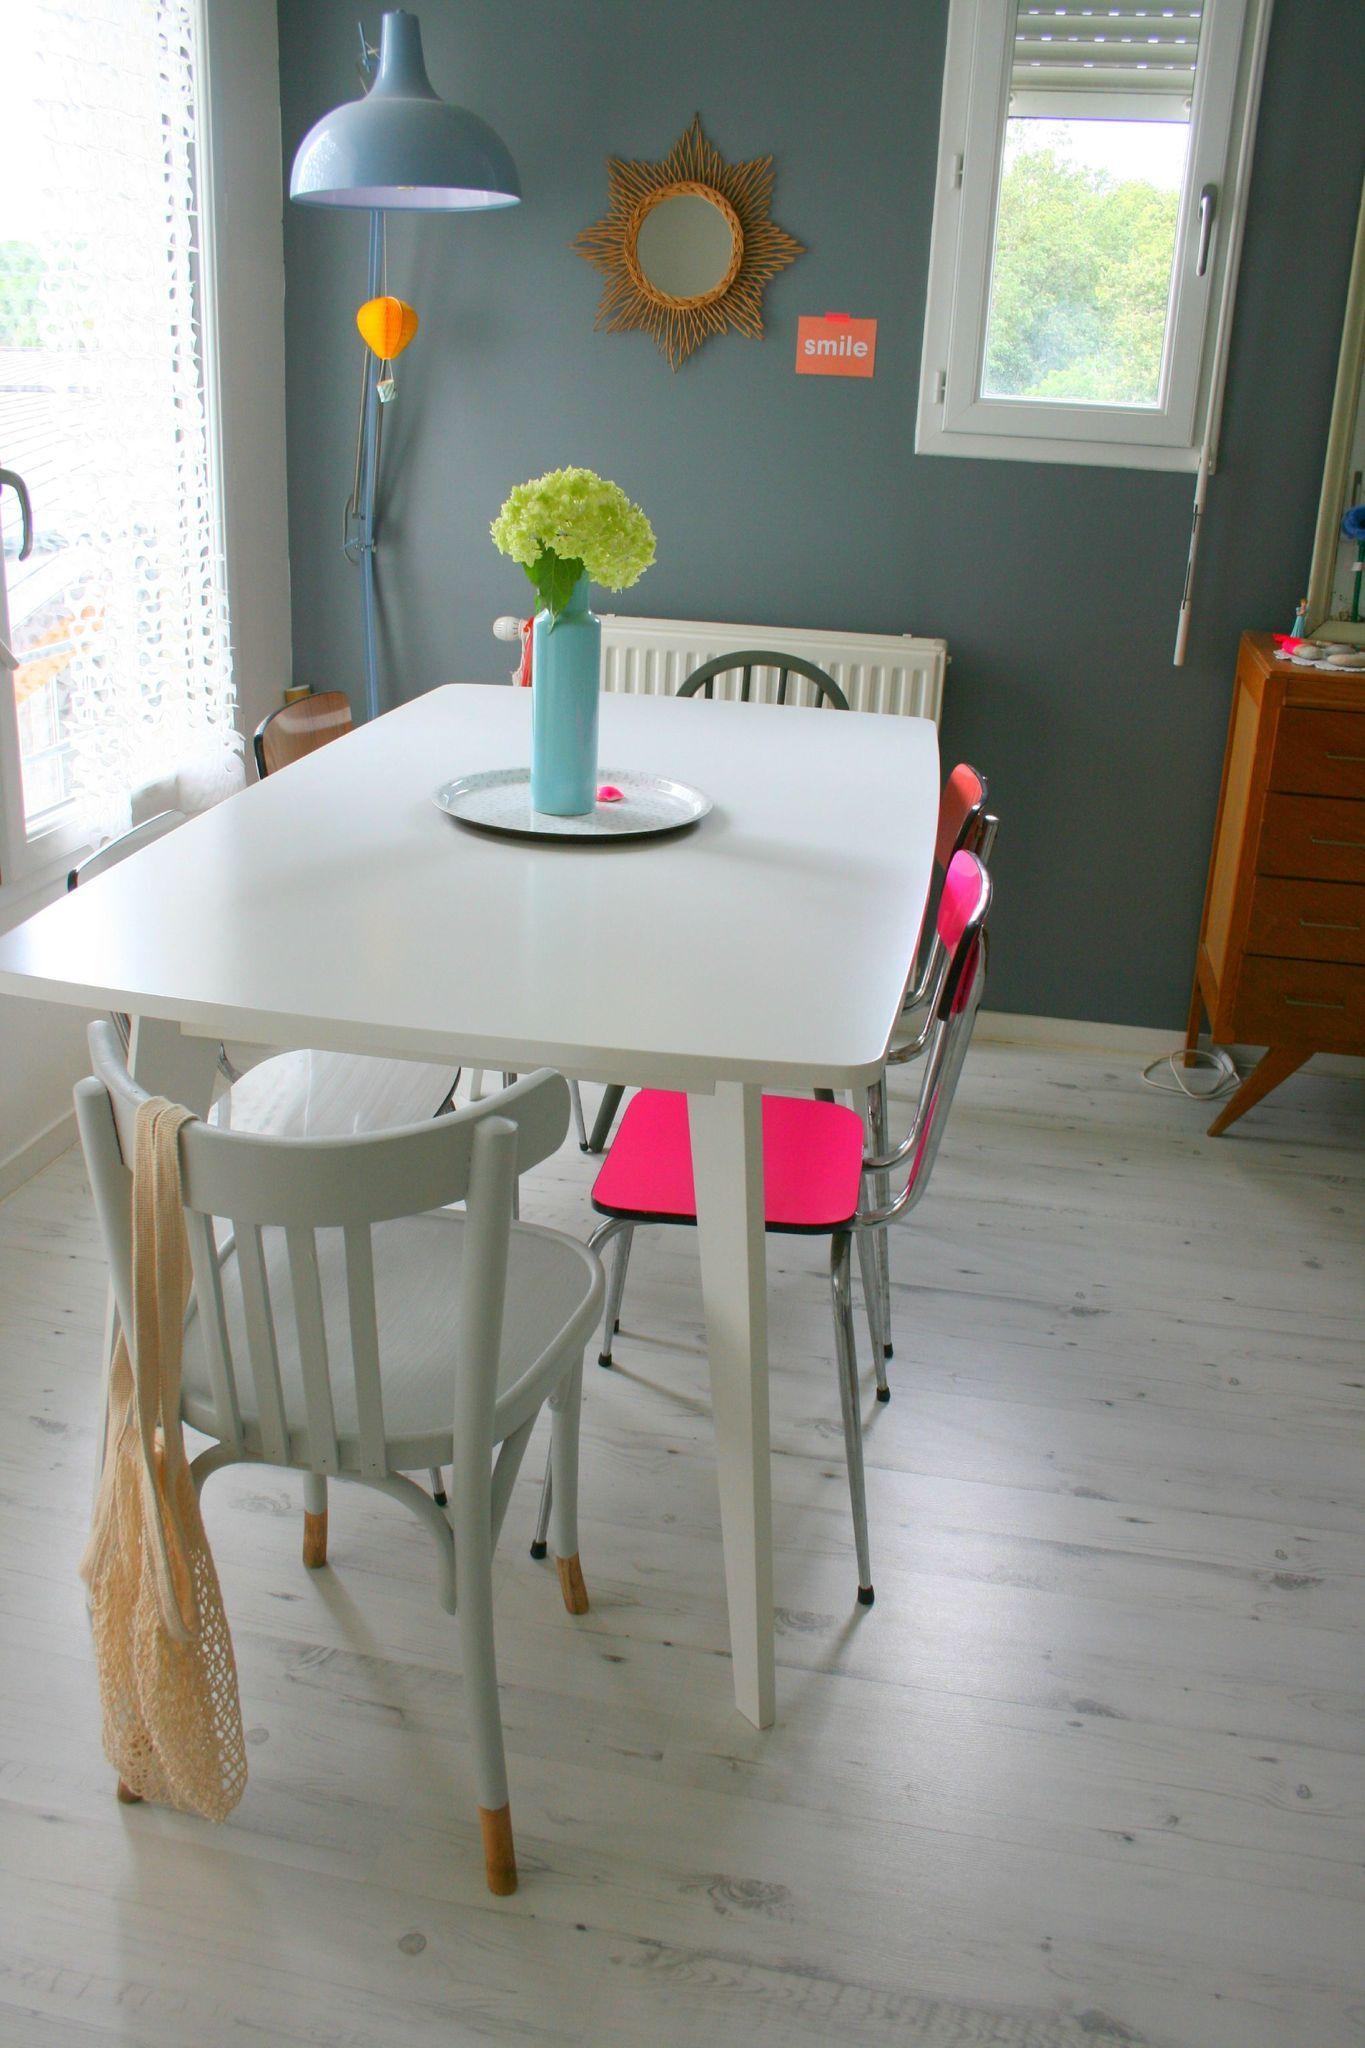 Gris lunaire belle couleur fluo et dans la cuisine - Chaise cuisine couleur ...